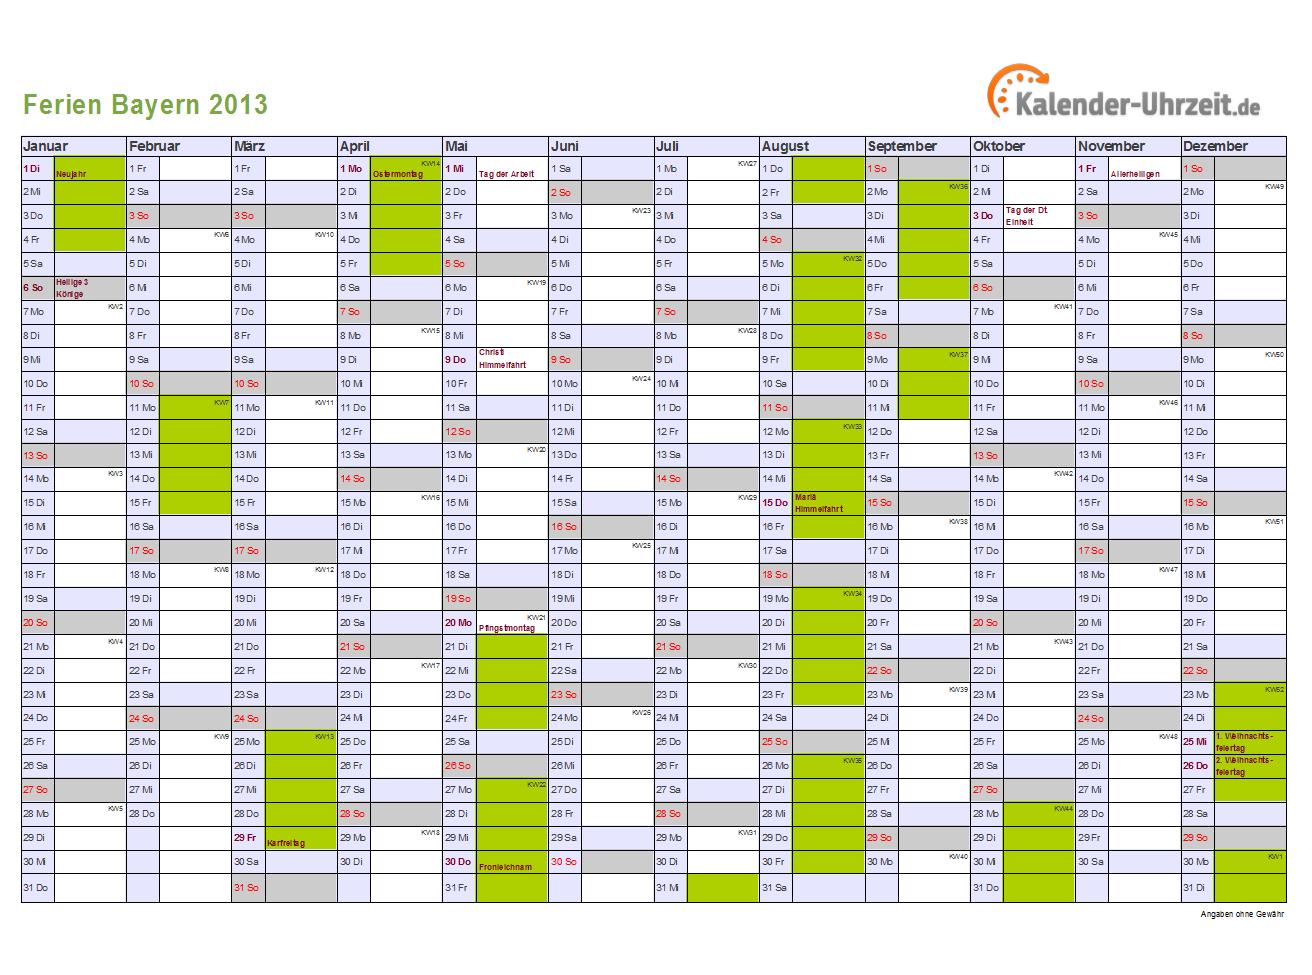 schulferien bayern 2013 ferienkalender zum ausdrucken. Black Bedroom Furniture Sets. Home Design Ideas